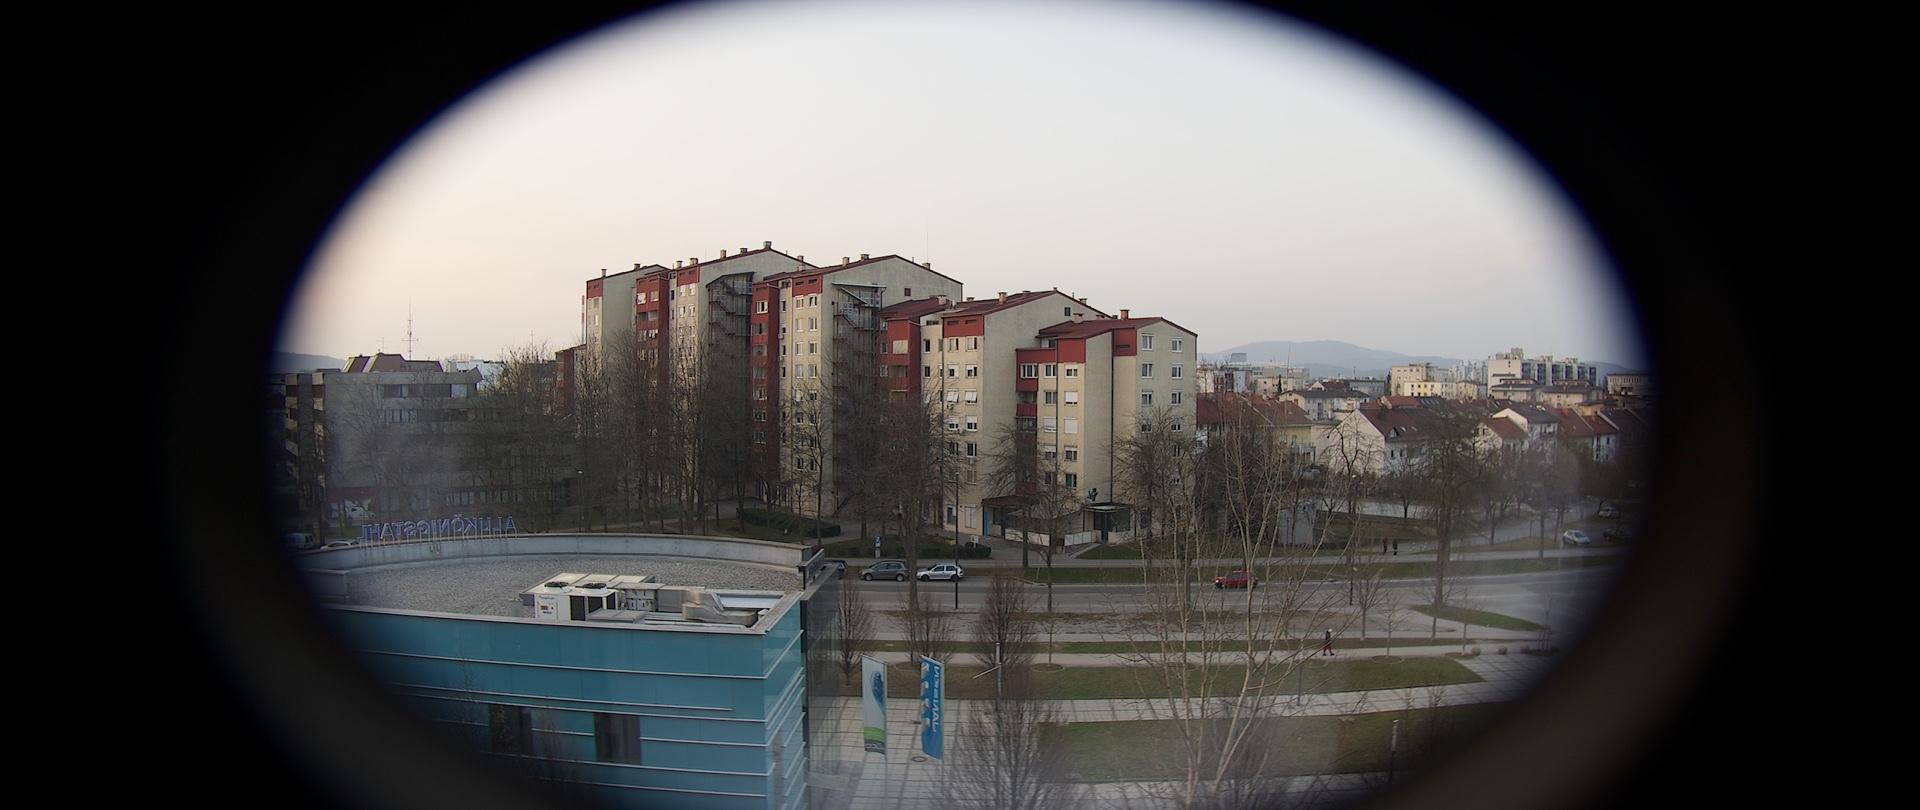 2015-03-14 DSC06953 24mm 17mm